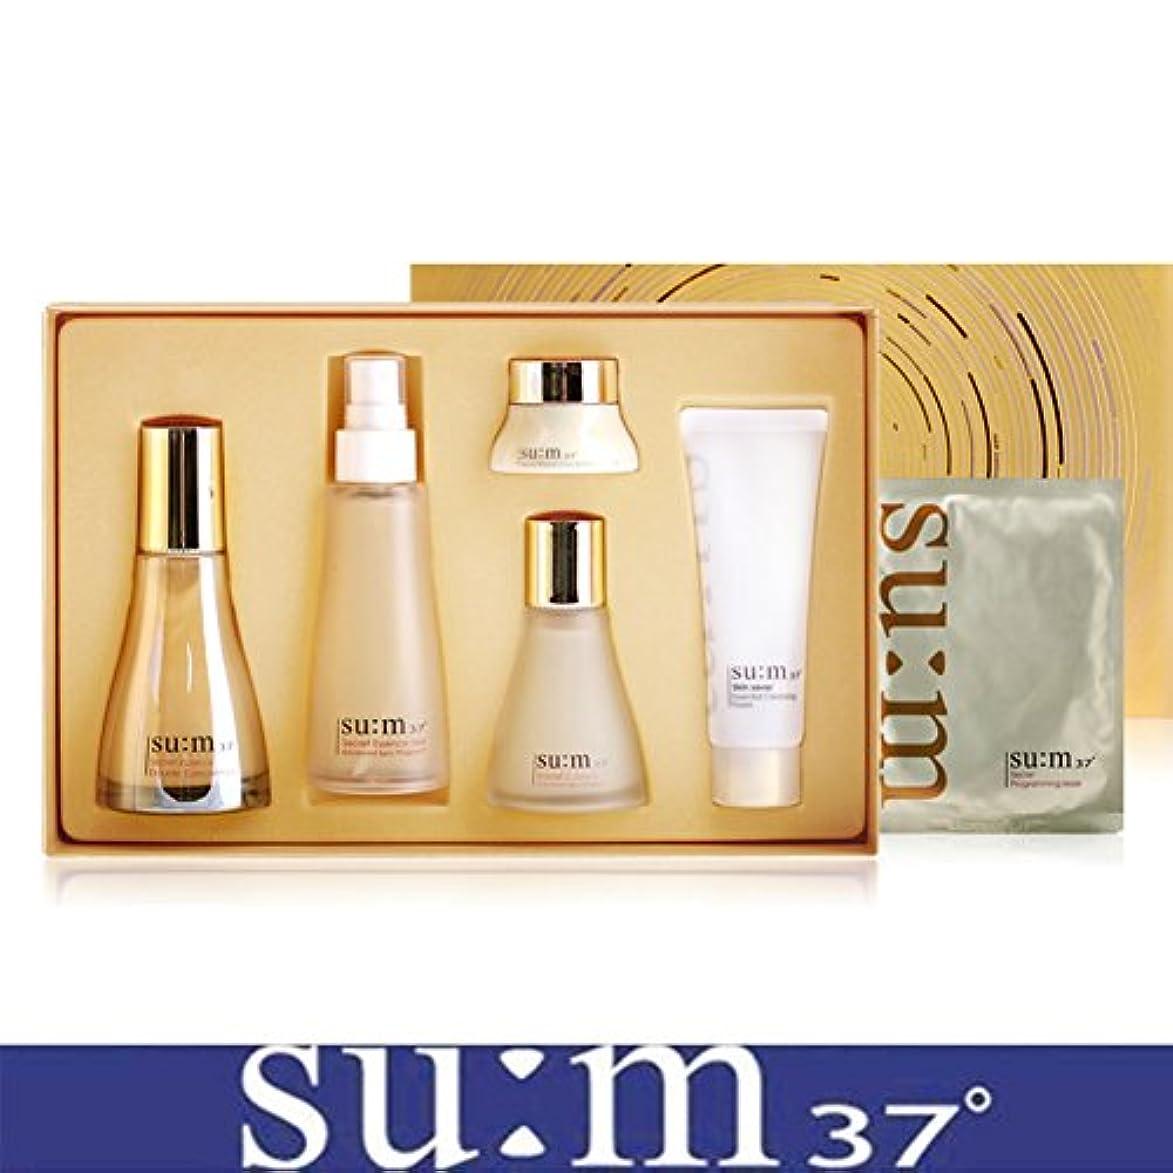 満足できる決して付属品[su:m37/スム37°] SUM37 Secret Essence SPECIAL 100ml Limited Edition/シークレットエッセンススペシャルリミテッドエディション+[Sample Gift](海外直送品)